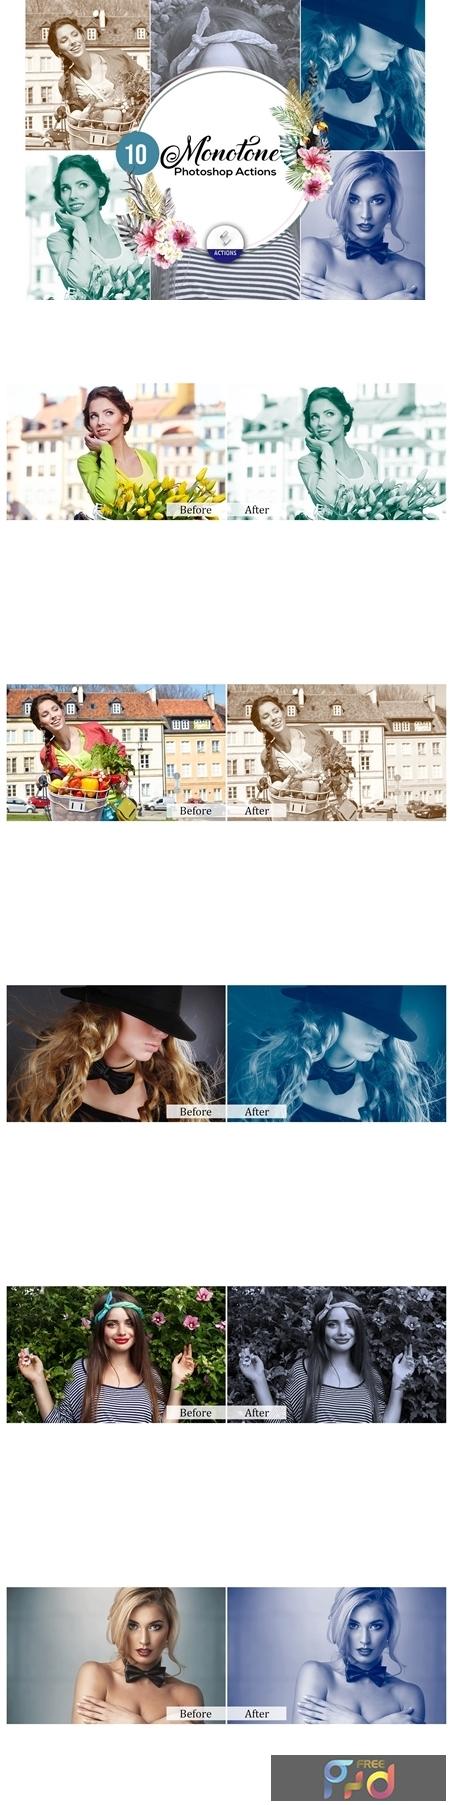 100 Monotone Photoshop Actions 3607217 1